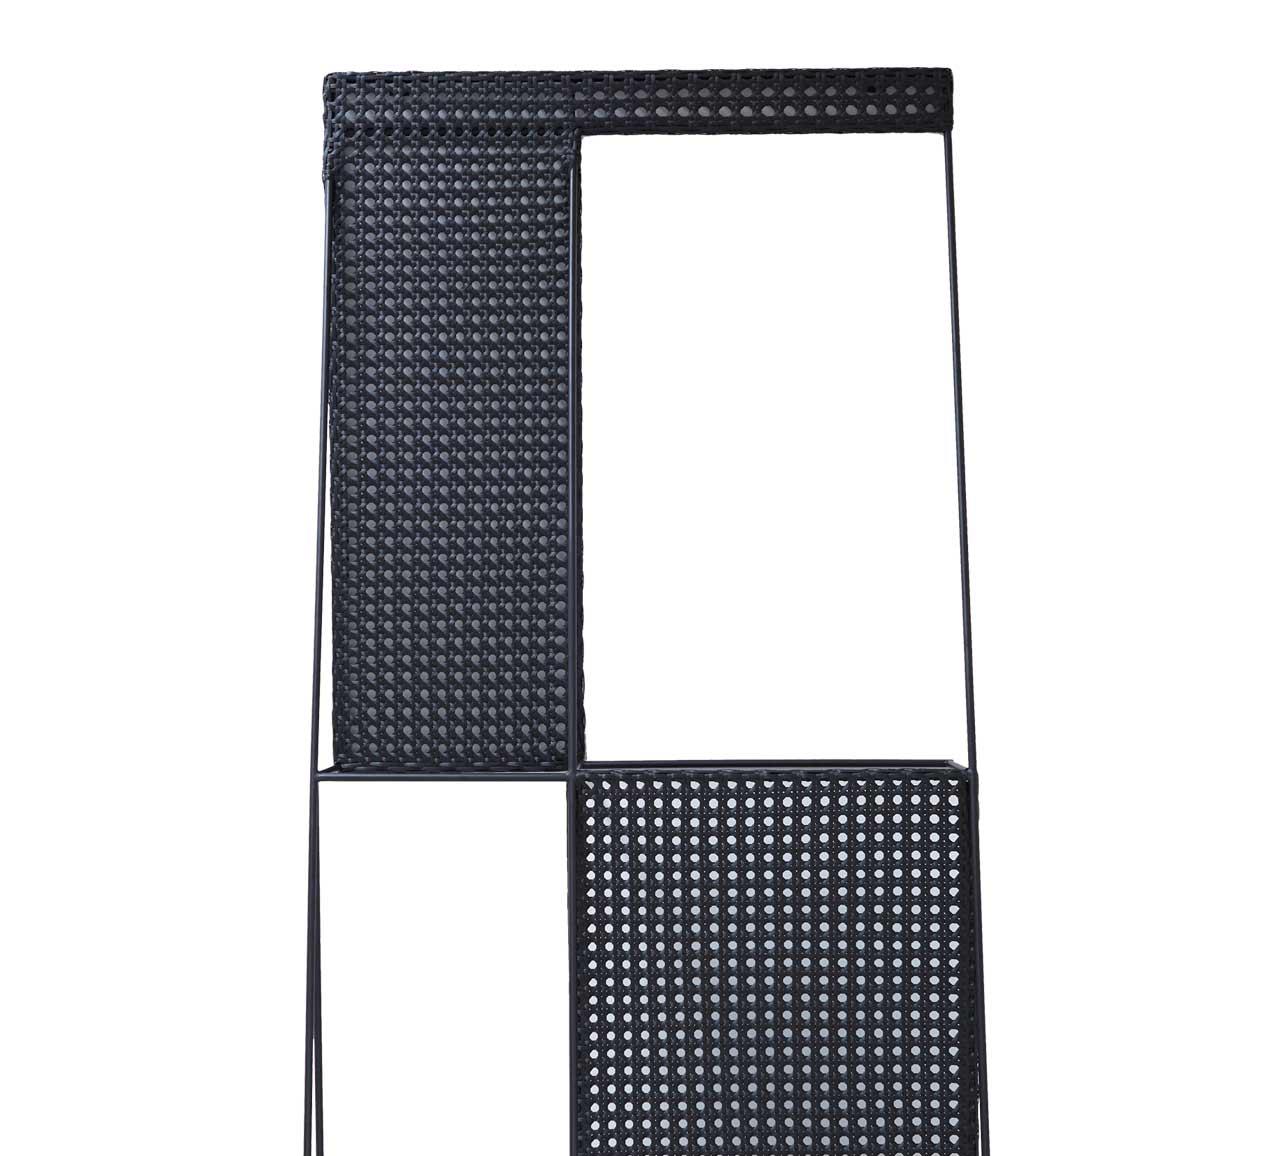 Panjai Display Rack Right